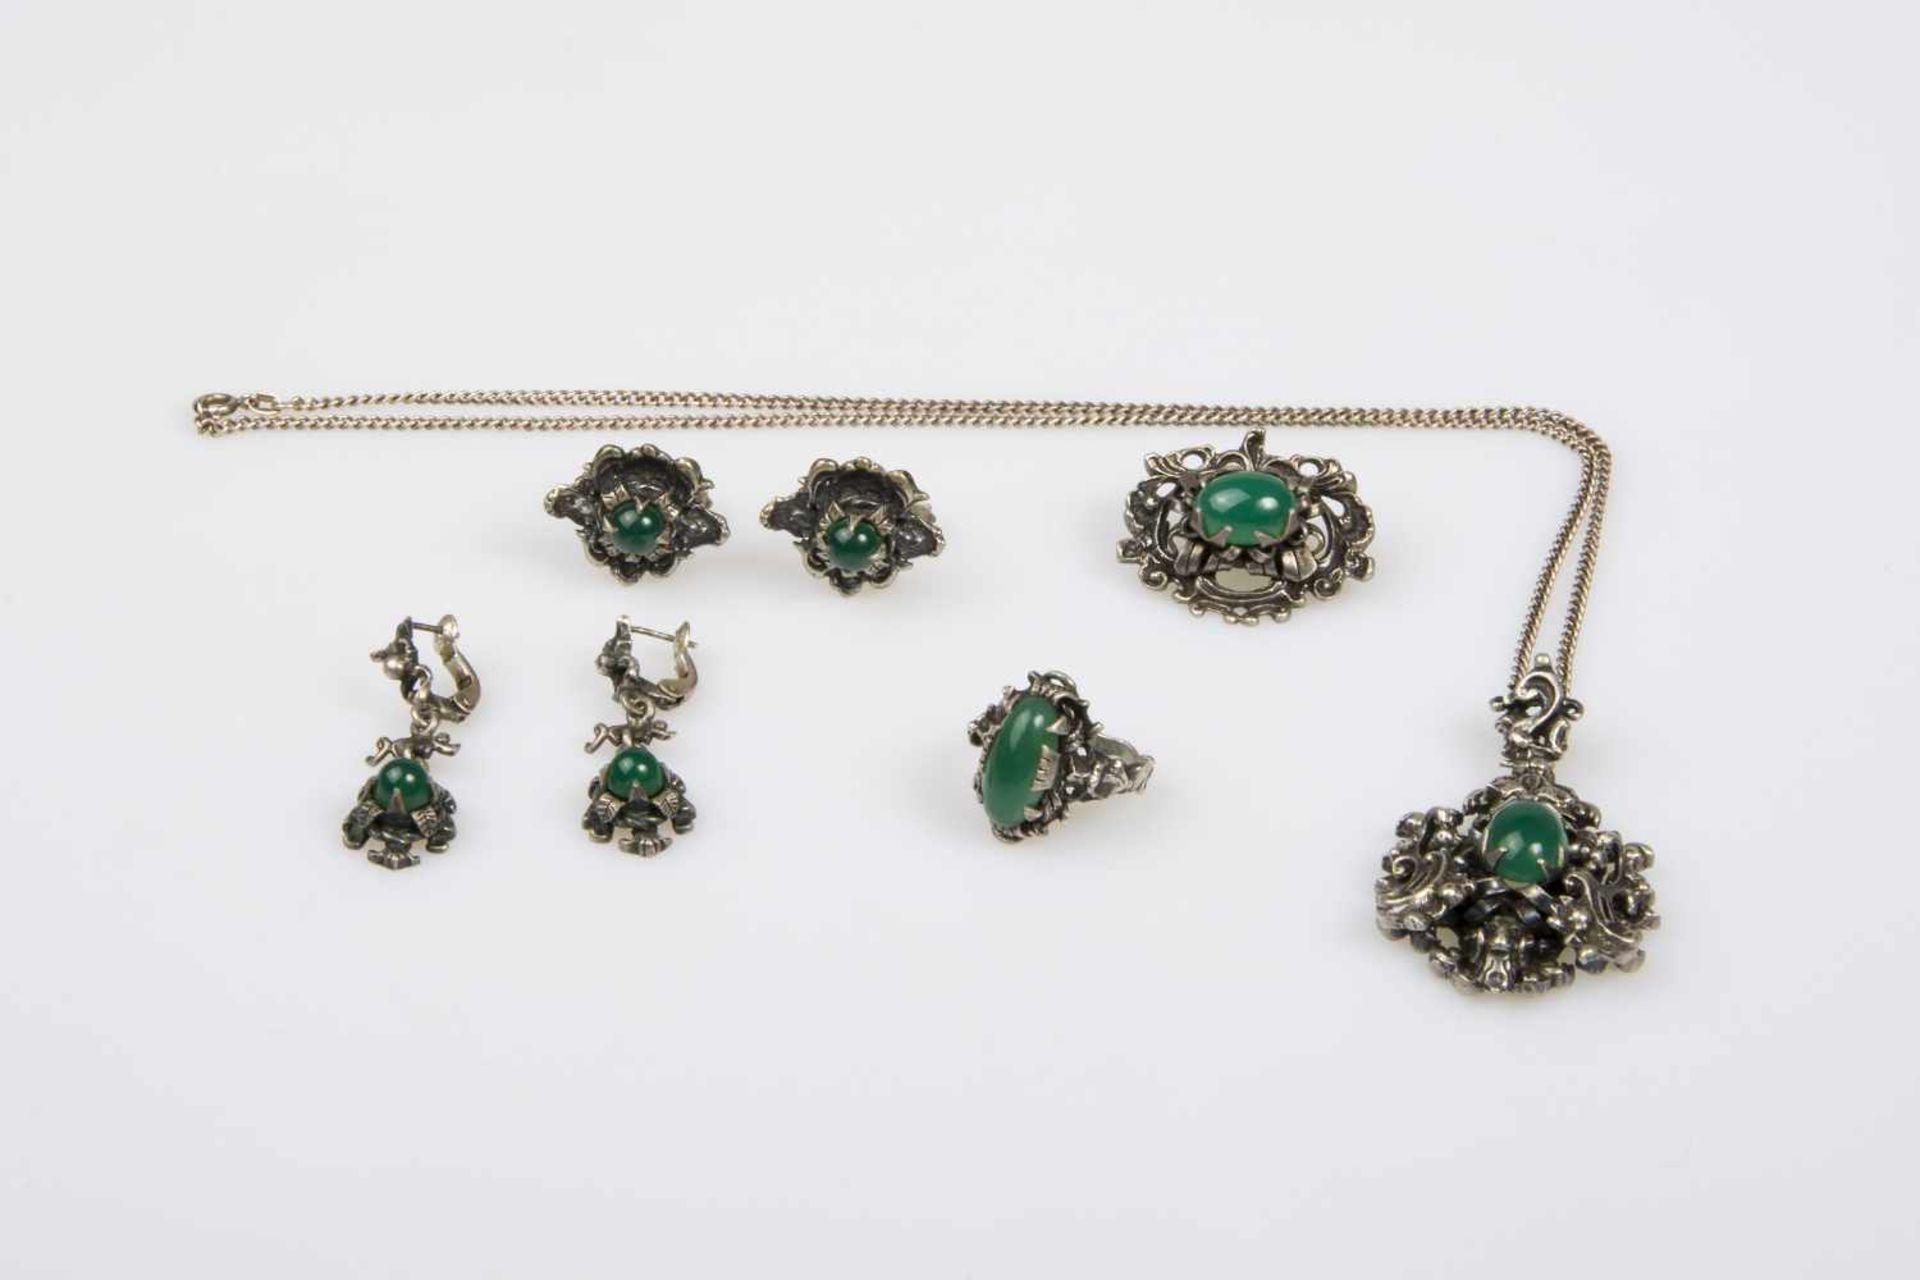 Los 27 - Damenschmuckgarnitur, Silber 800, mit Schmucksteinen, best. aus: 1 Halskette, Länge ca. 50cm, 1